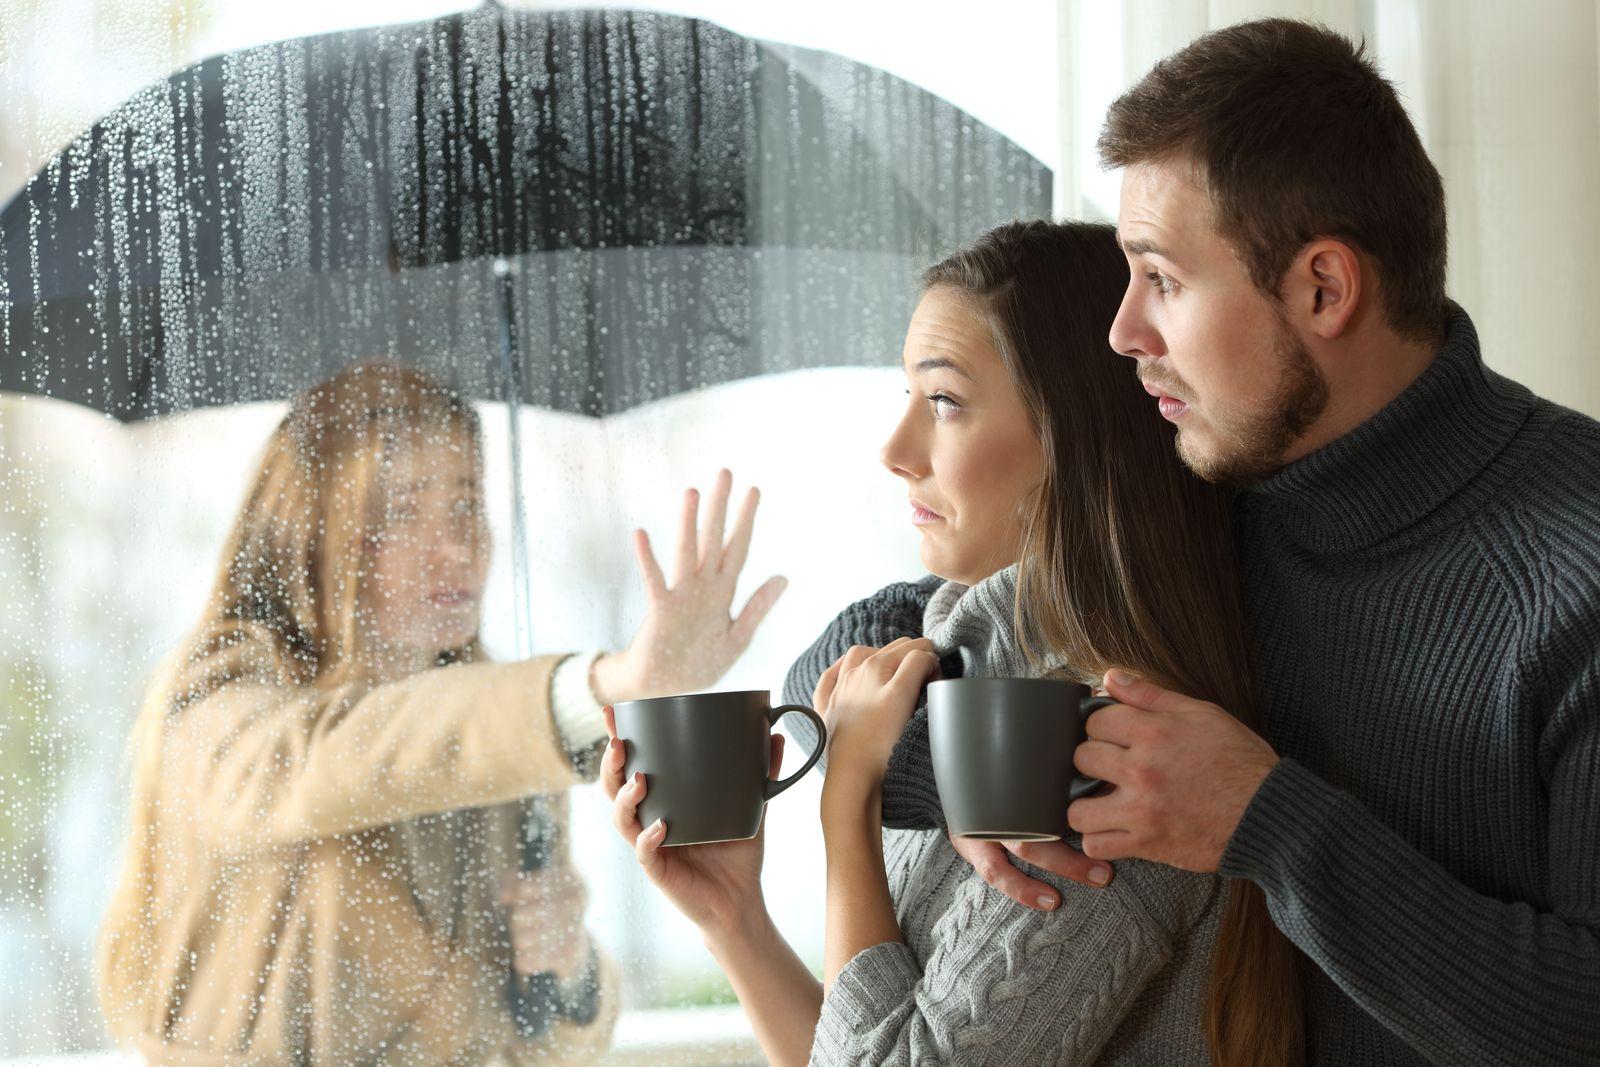 Je lepšie rozísť sa a pretrpieť bolesť, ktorú vám pravdepodobne obom rozchod spôsobí, ako žiť s niekým.